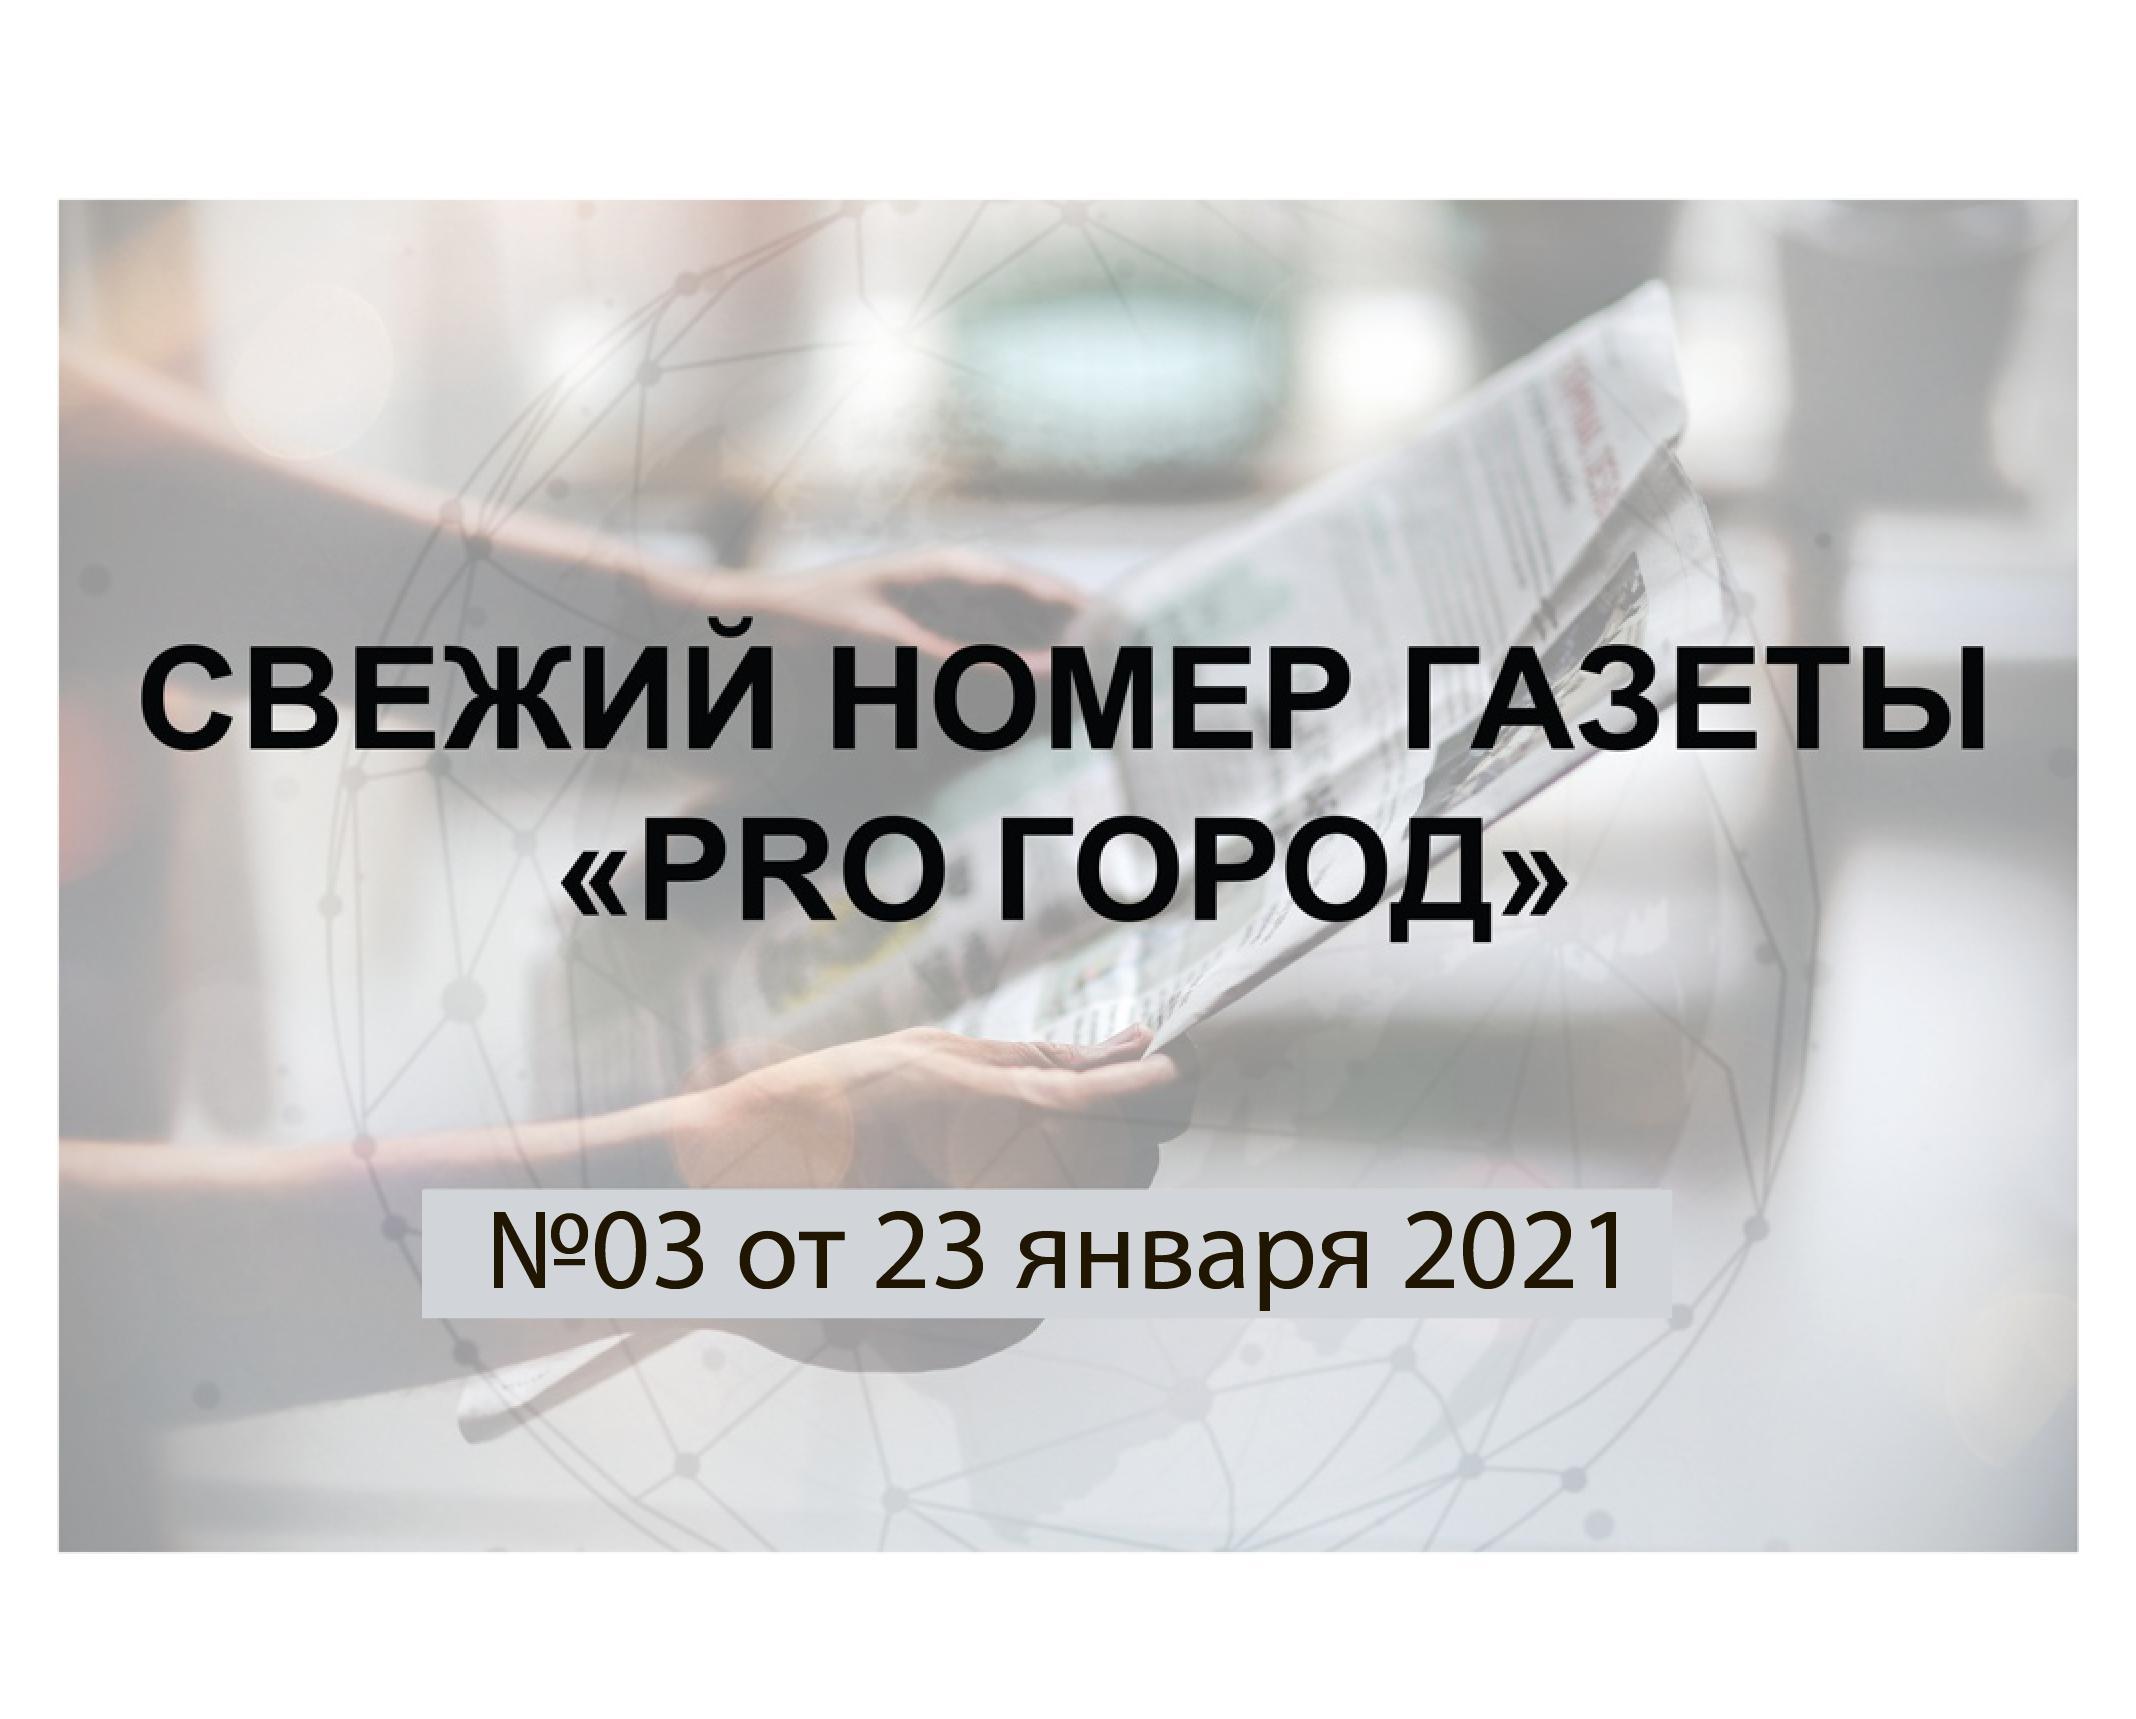 Газета «Pro Город Кирово-Чепецк» номер 03 от 23 января 2021 года